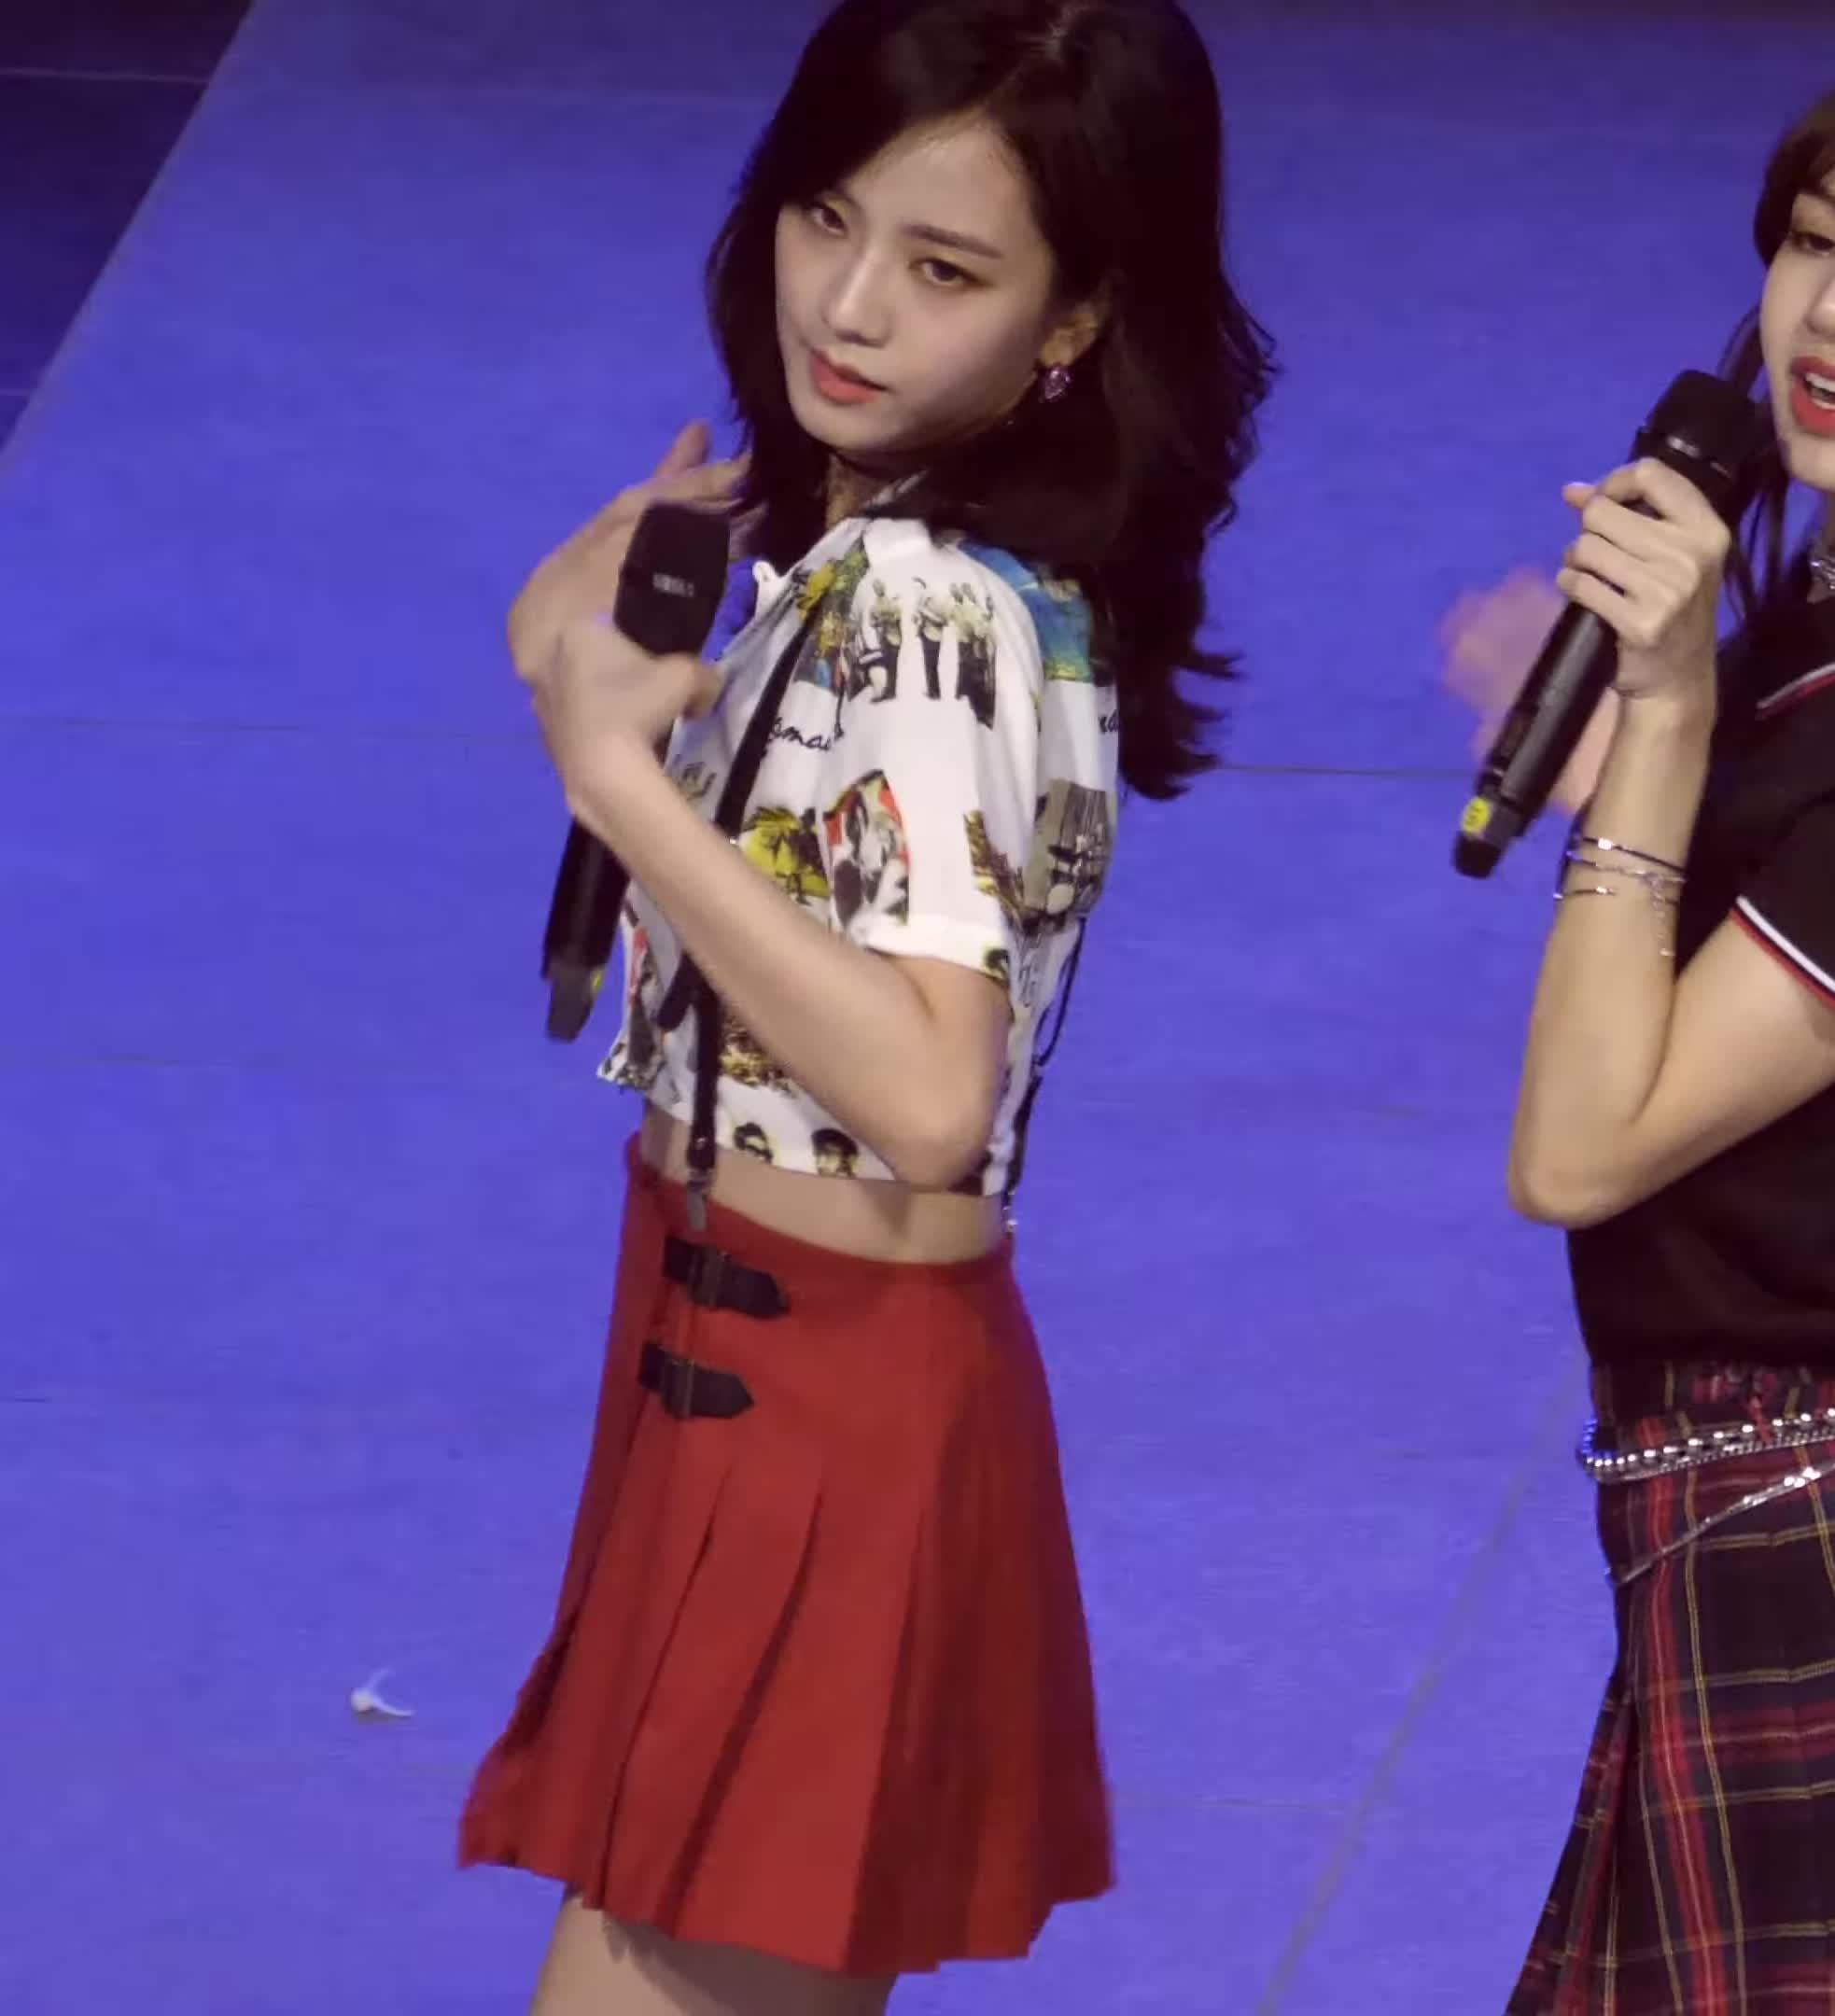 지수, BlackPink Jisoo Too Big For Her Buttons High Bit Rate GIFs